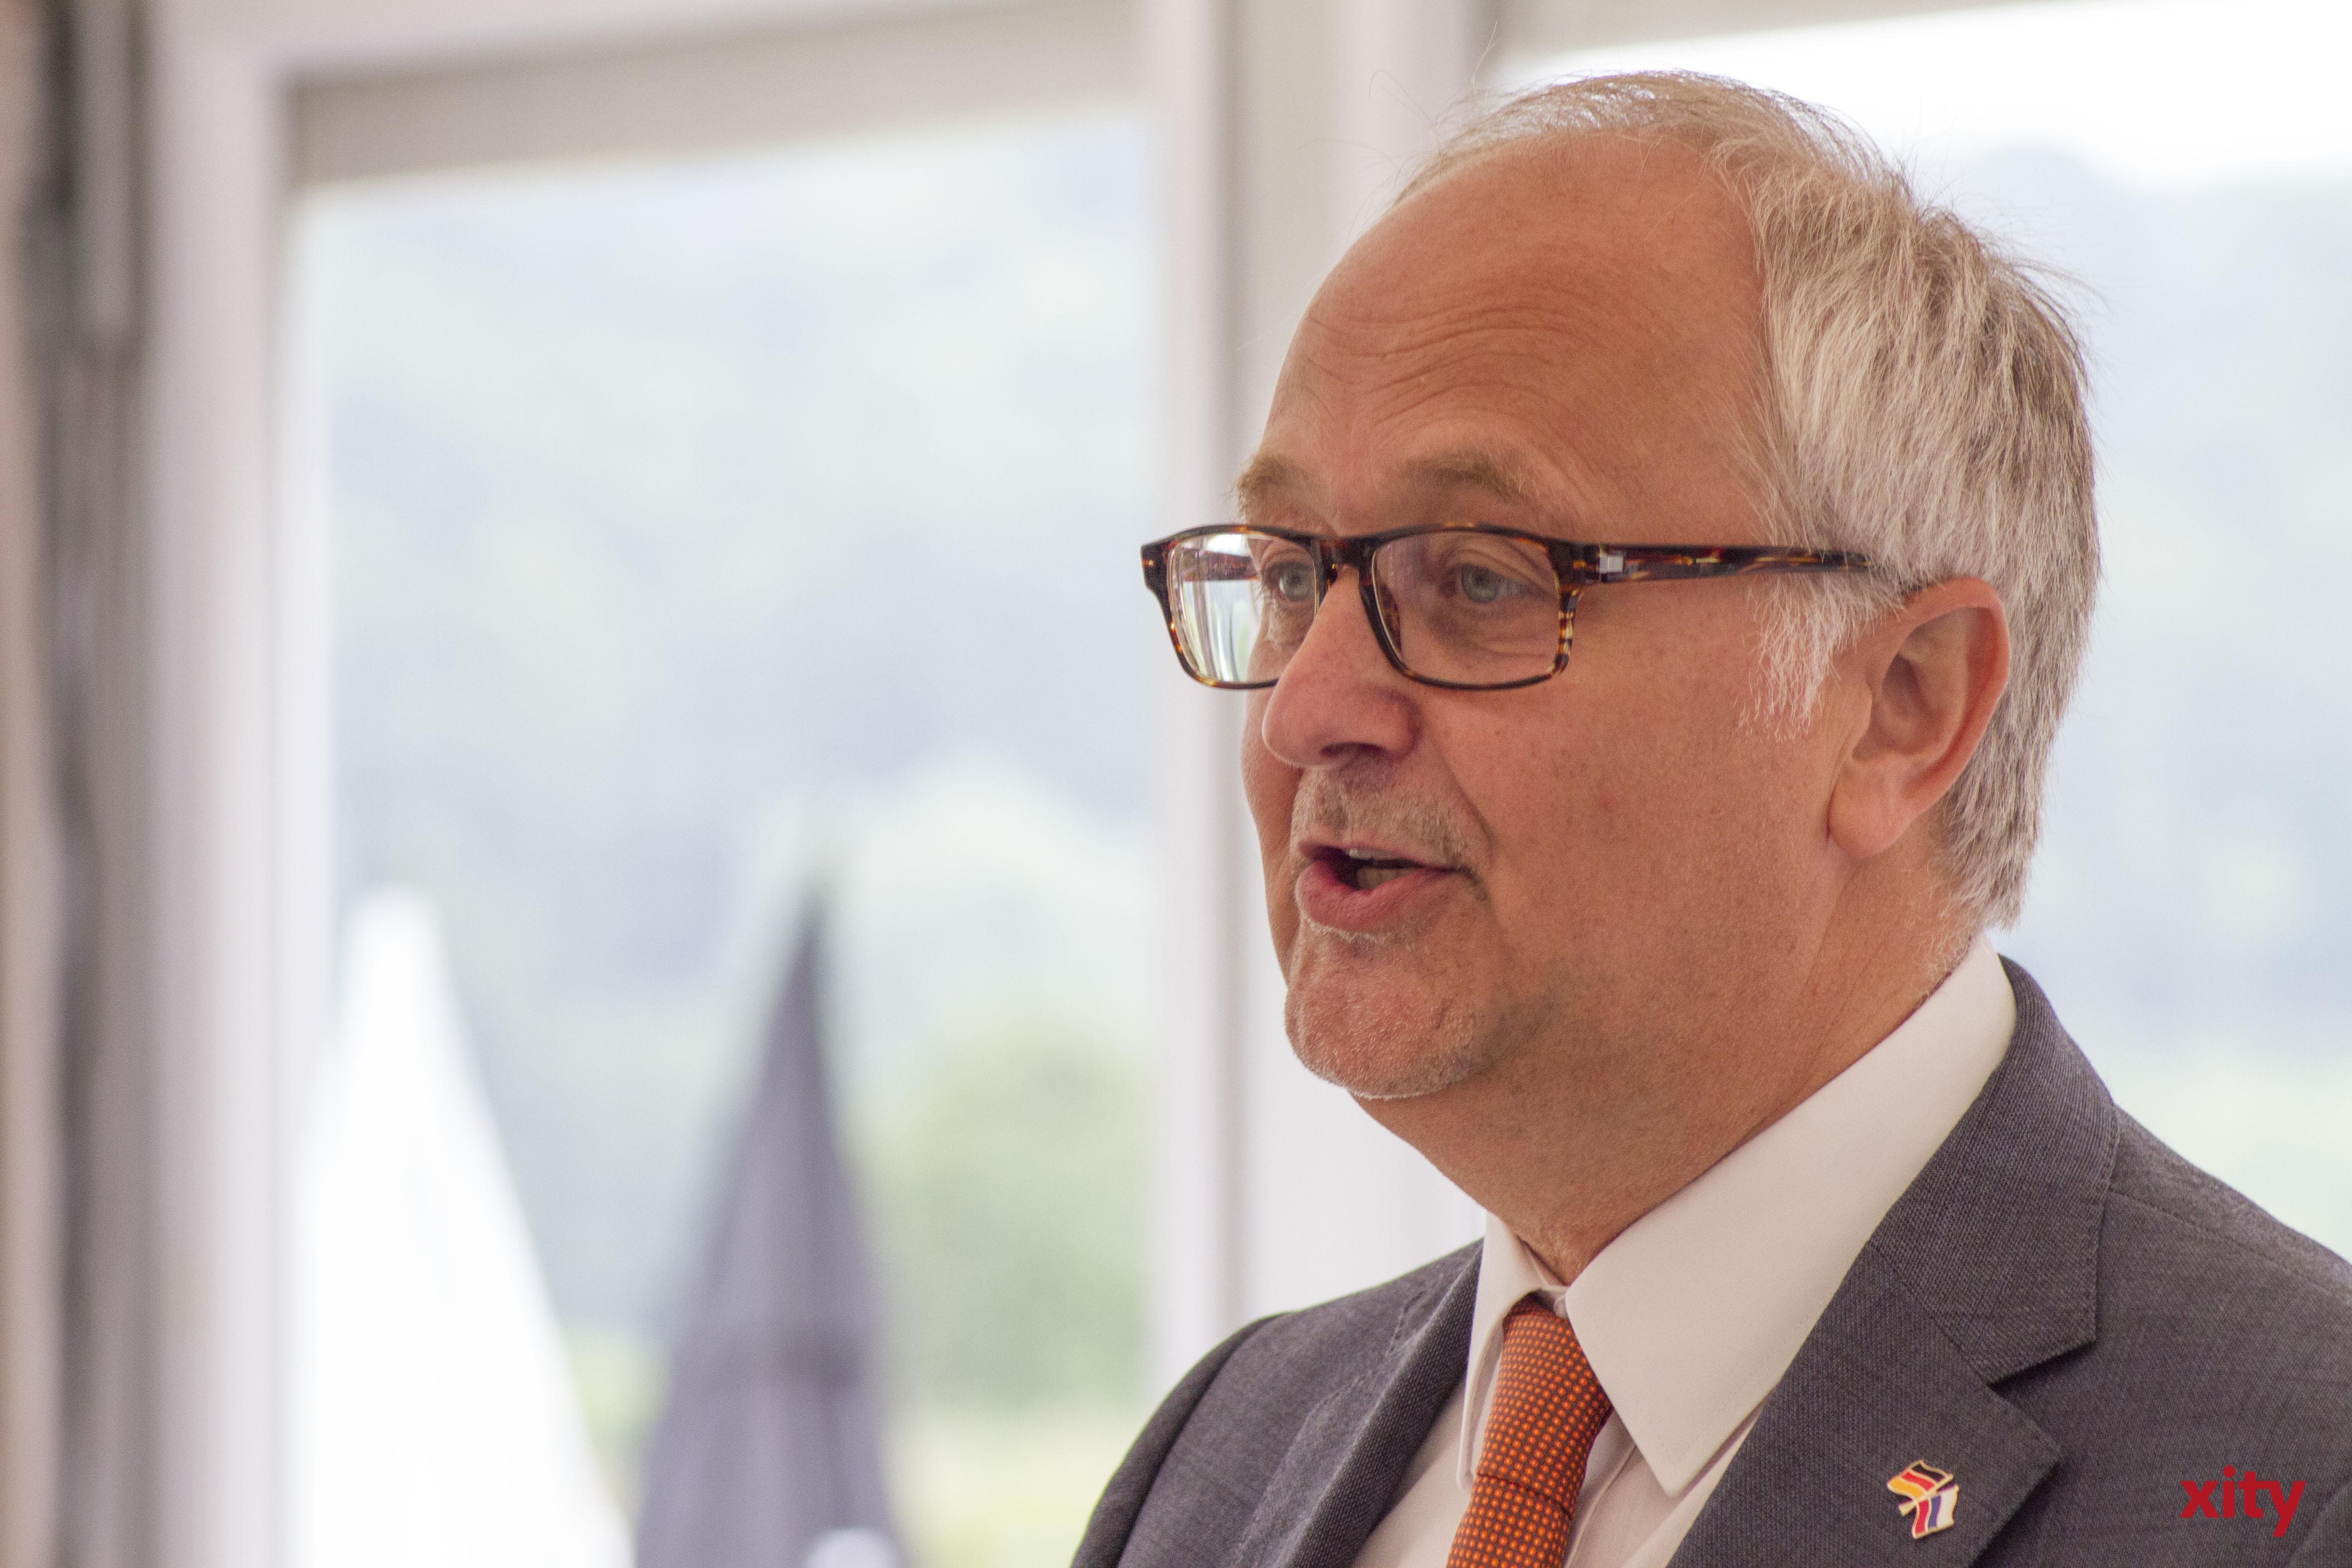 Vereinspräsident Stefan Brune begrüßte die Gäste (Foto: xity)